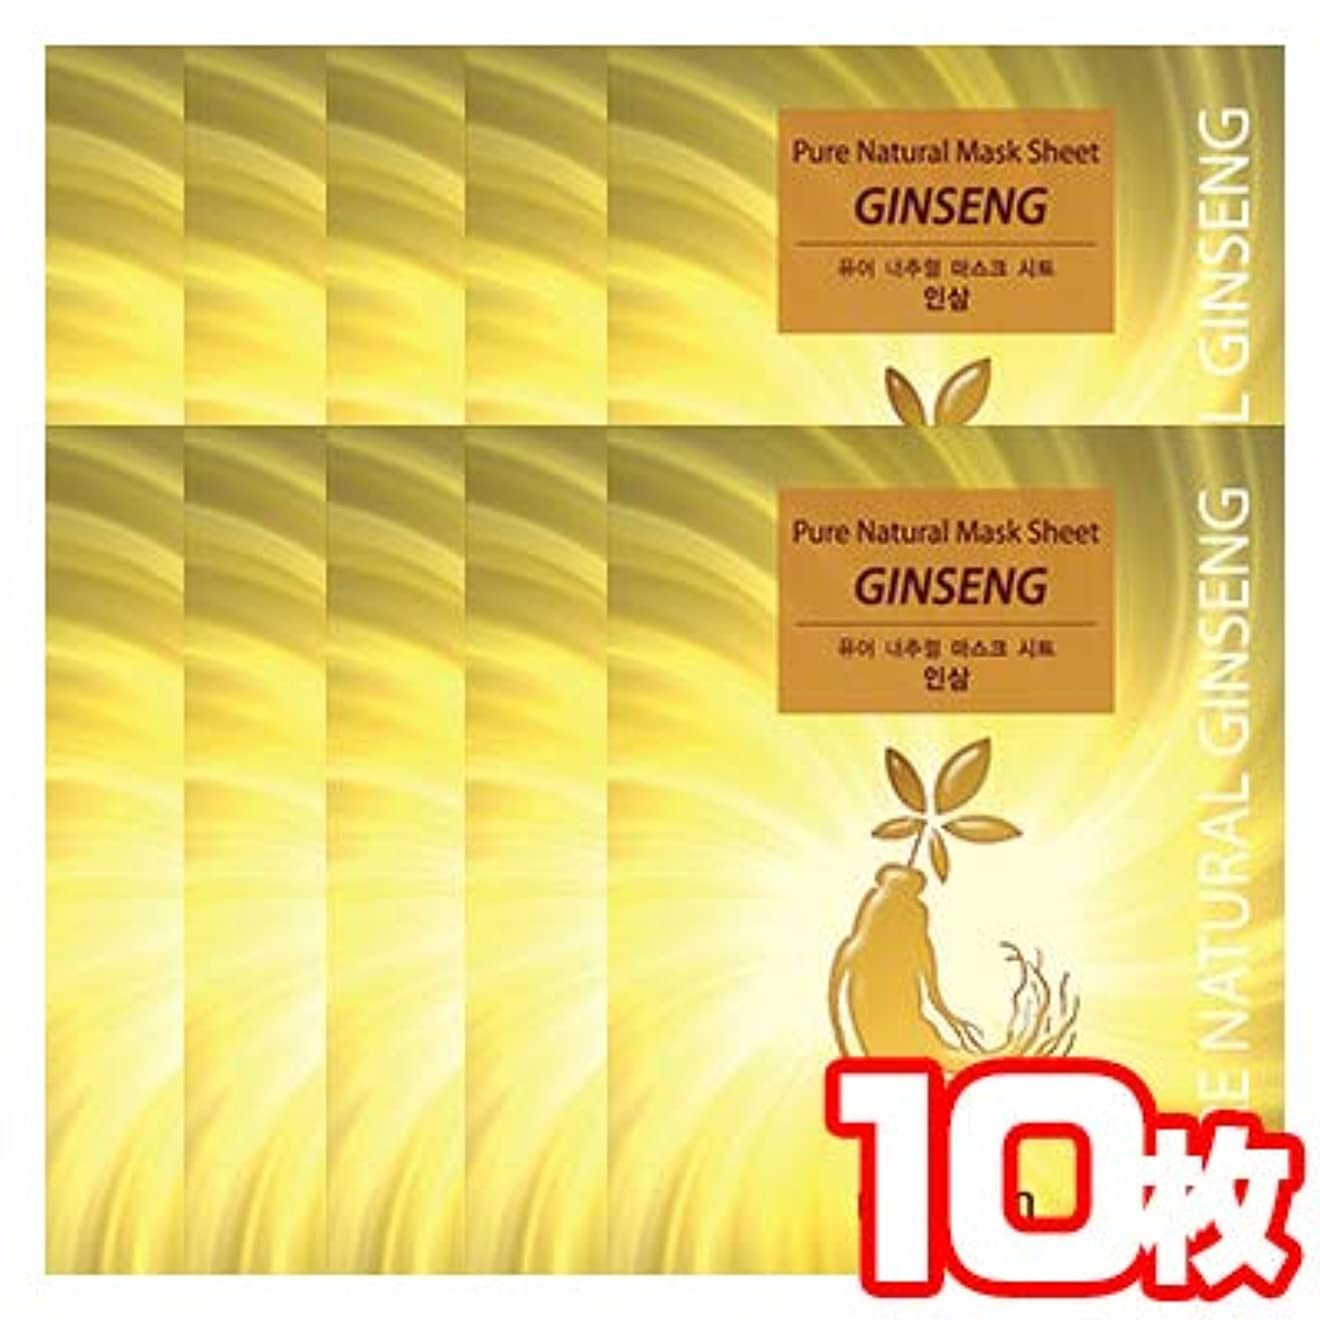 ハードウェアマイルストーンマニアザセム ピュア ナチュラル マスクシート 3類 Pure Natural Mask Sheet 20mlx10枚 (高麗人参(10枚))